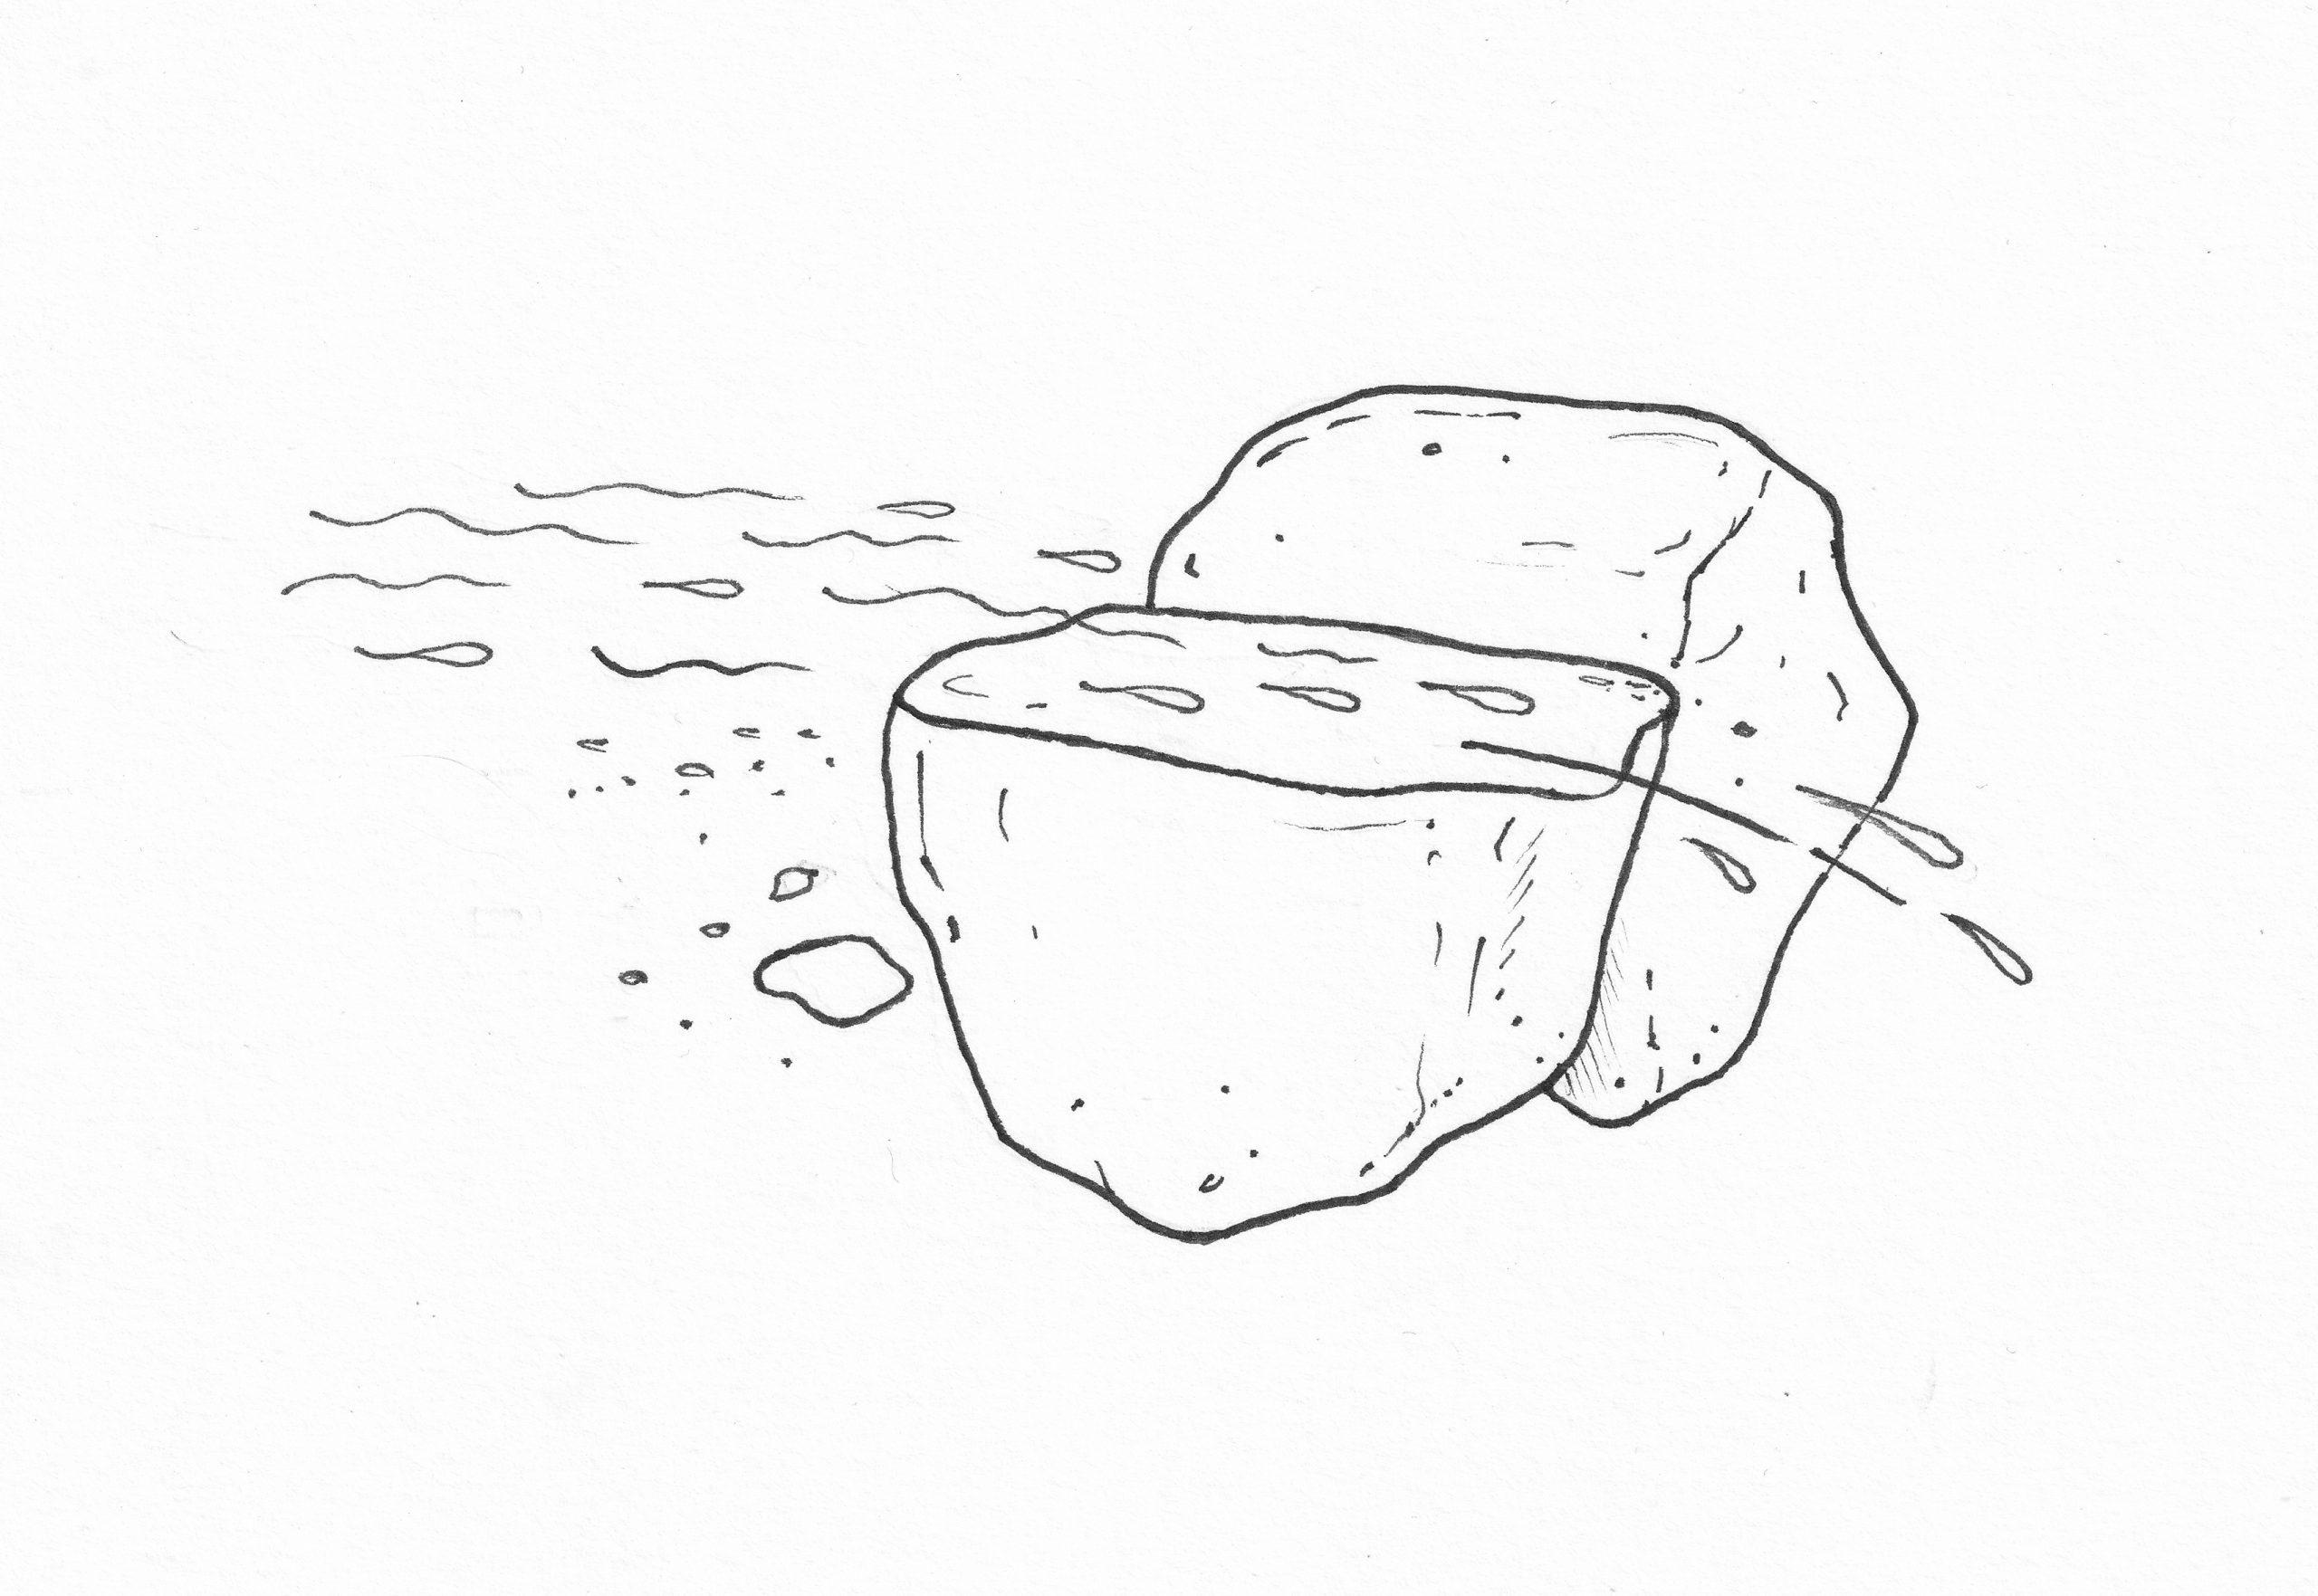 Rétt hæð á yfirborði steins